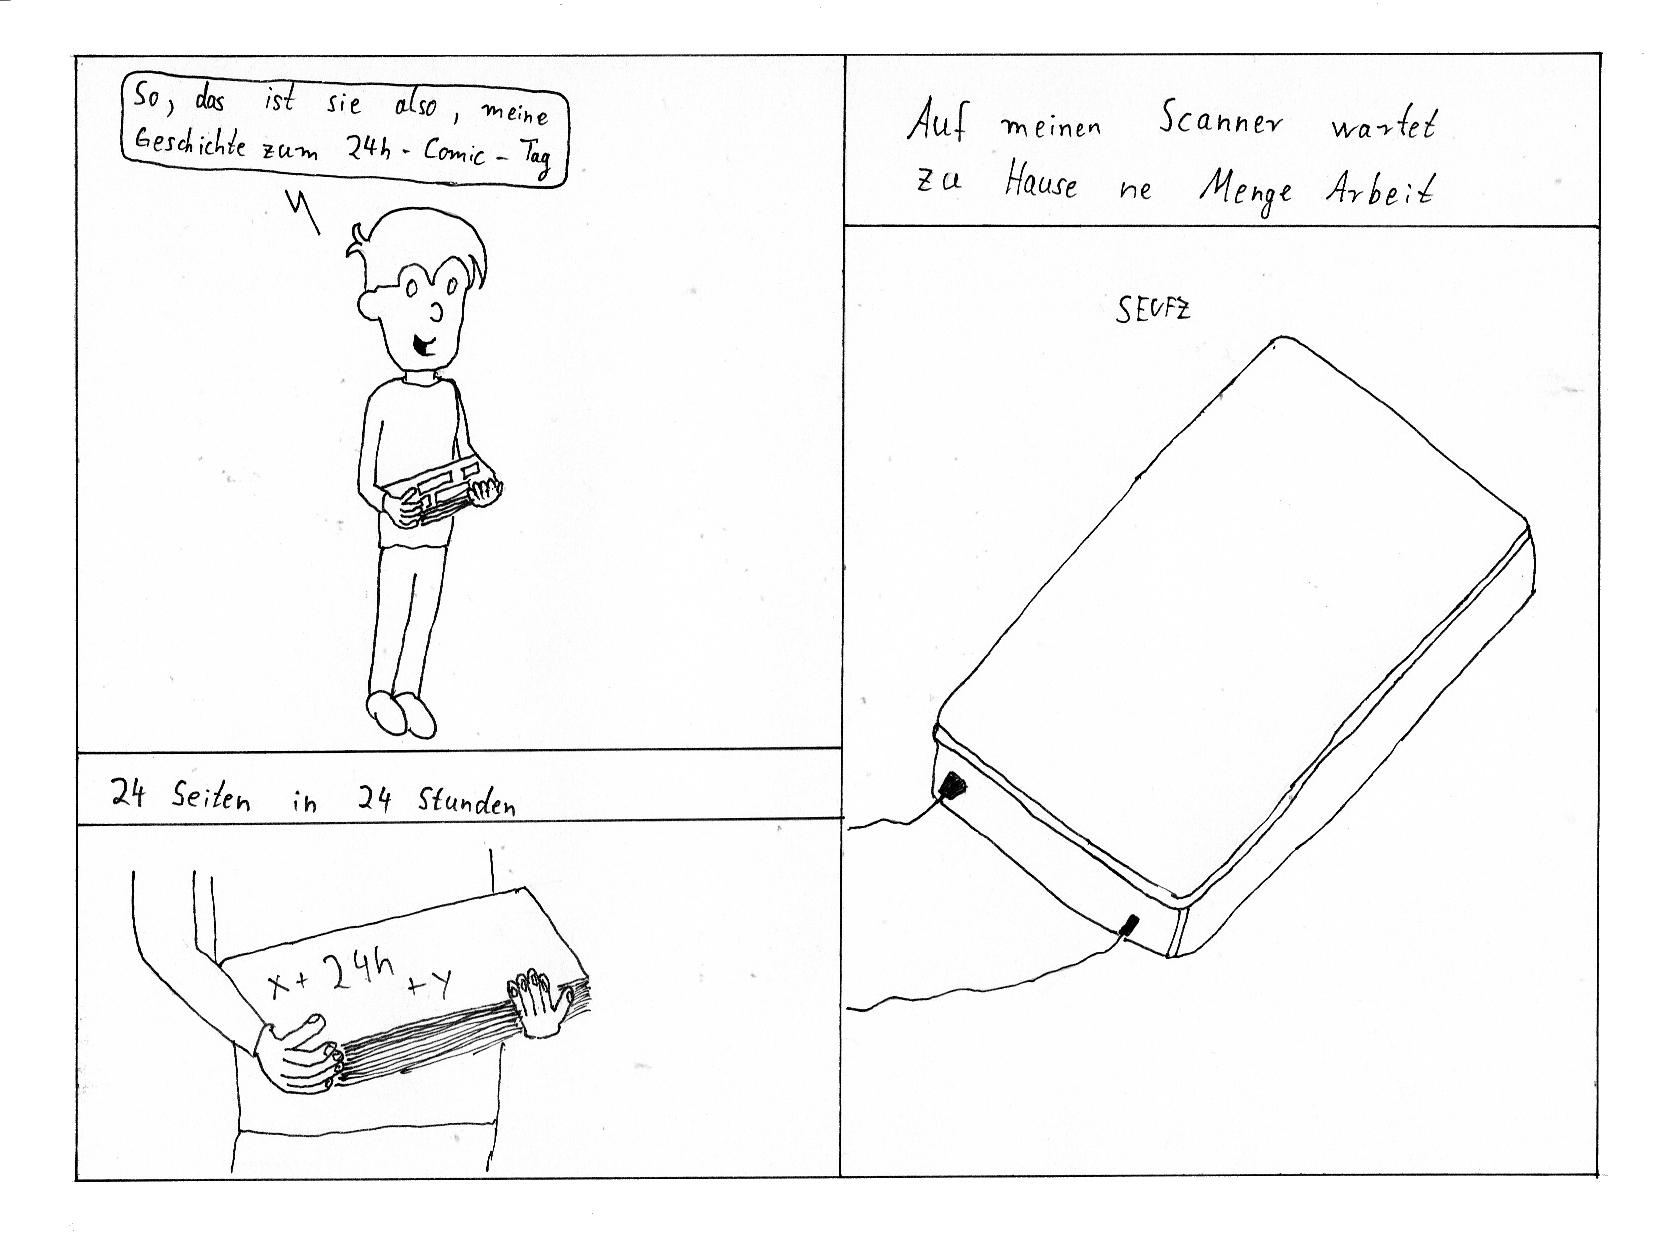 24h Seite 22